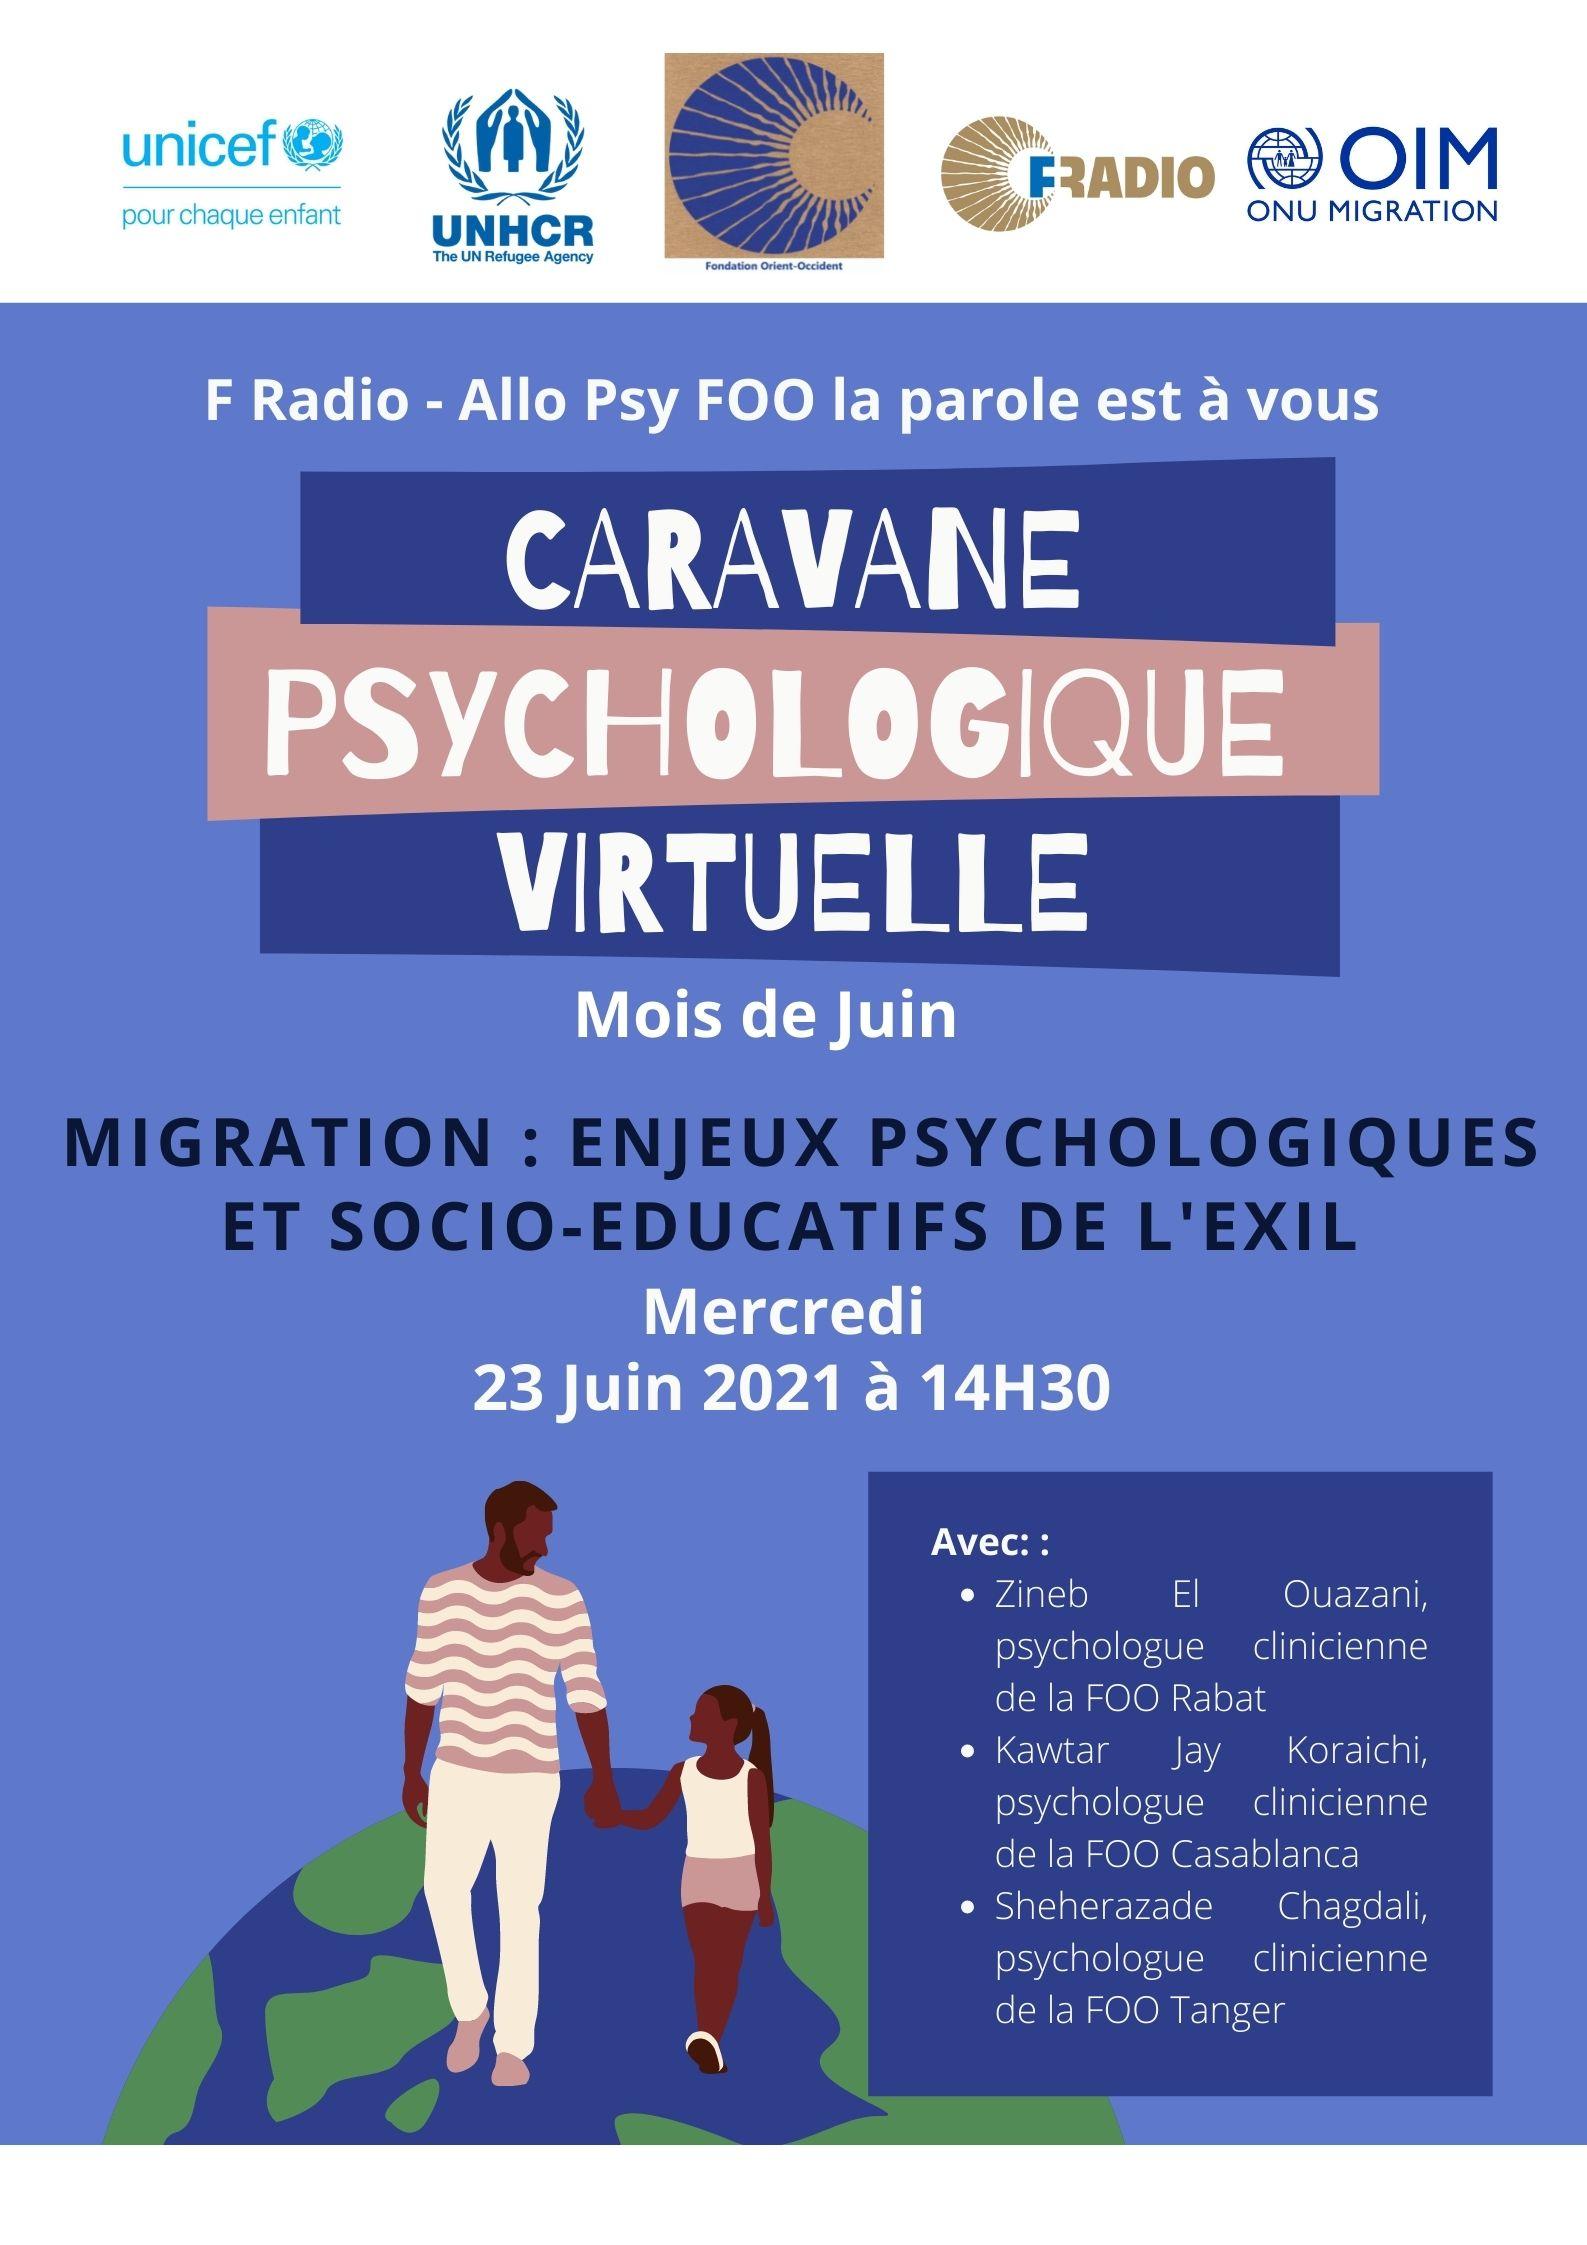 Caravane Psychologique Virtuelle